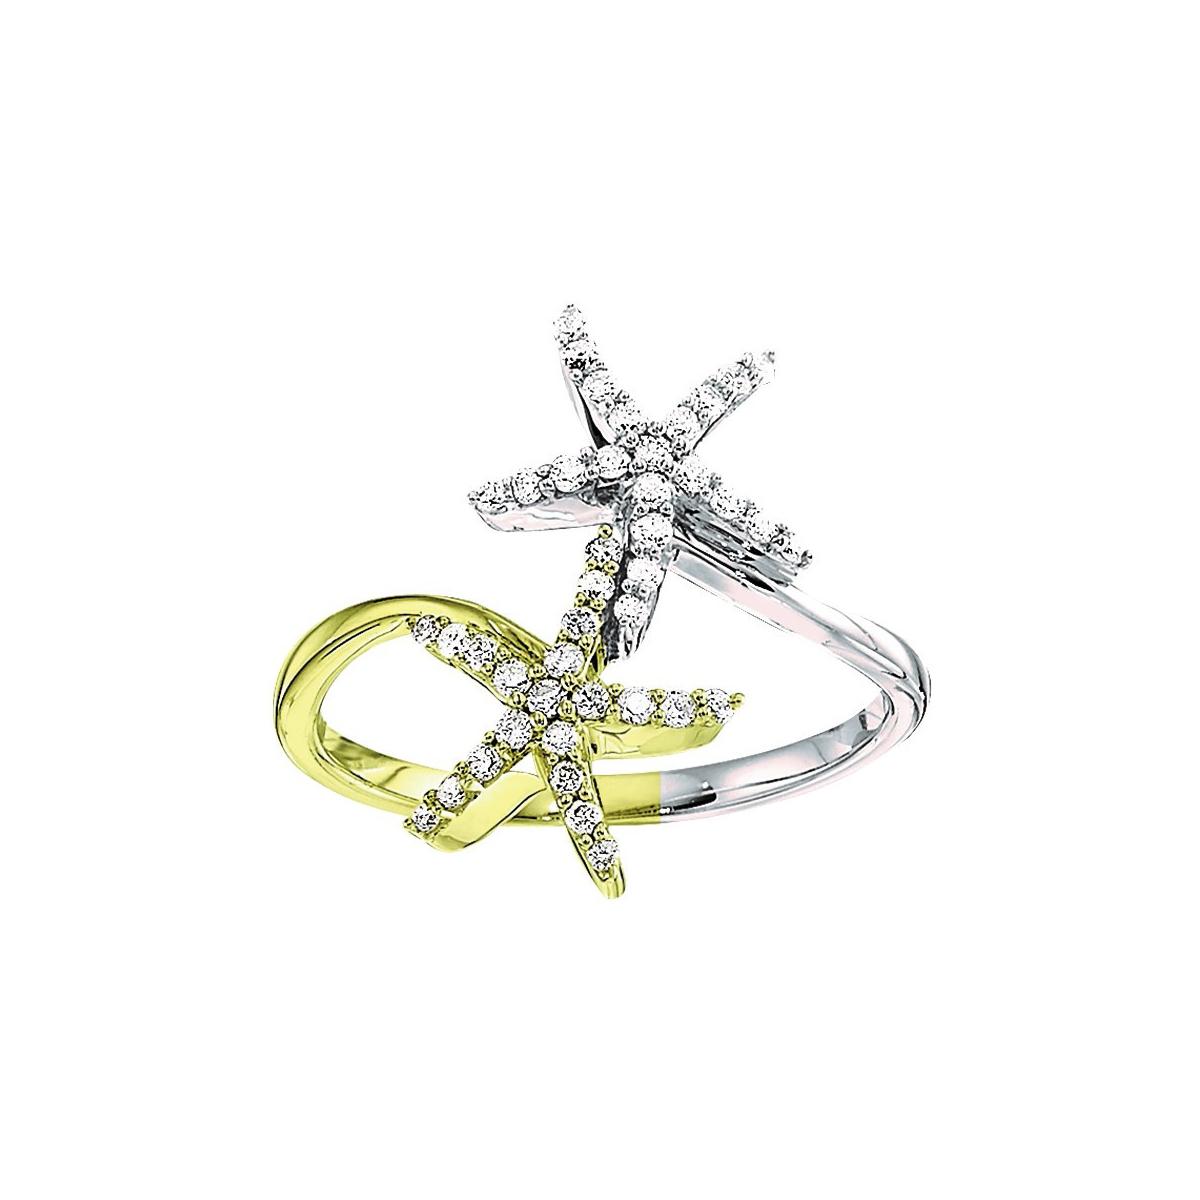 Shefi Diamonds 14 Karat Yellow and White Gold Diamond Starfish Bypass Ring